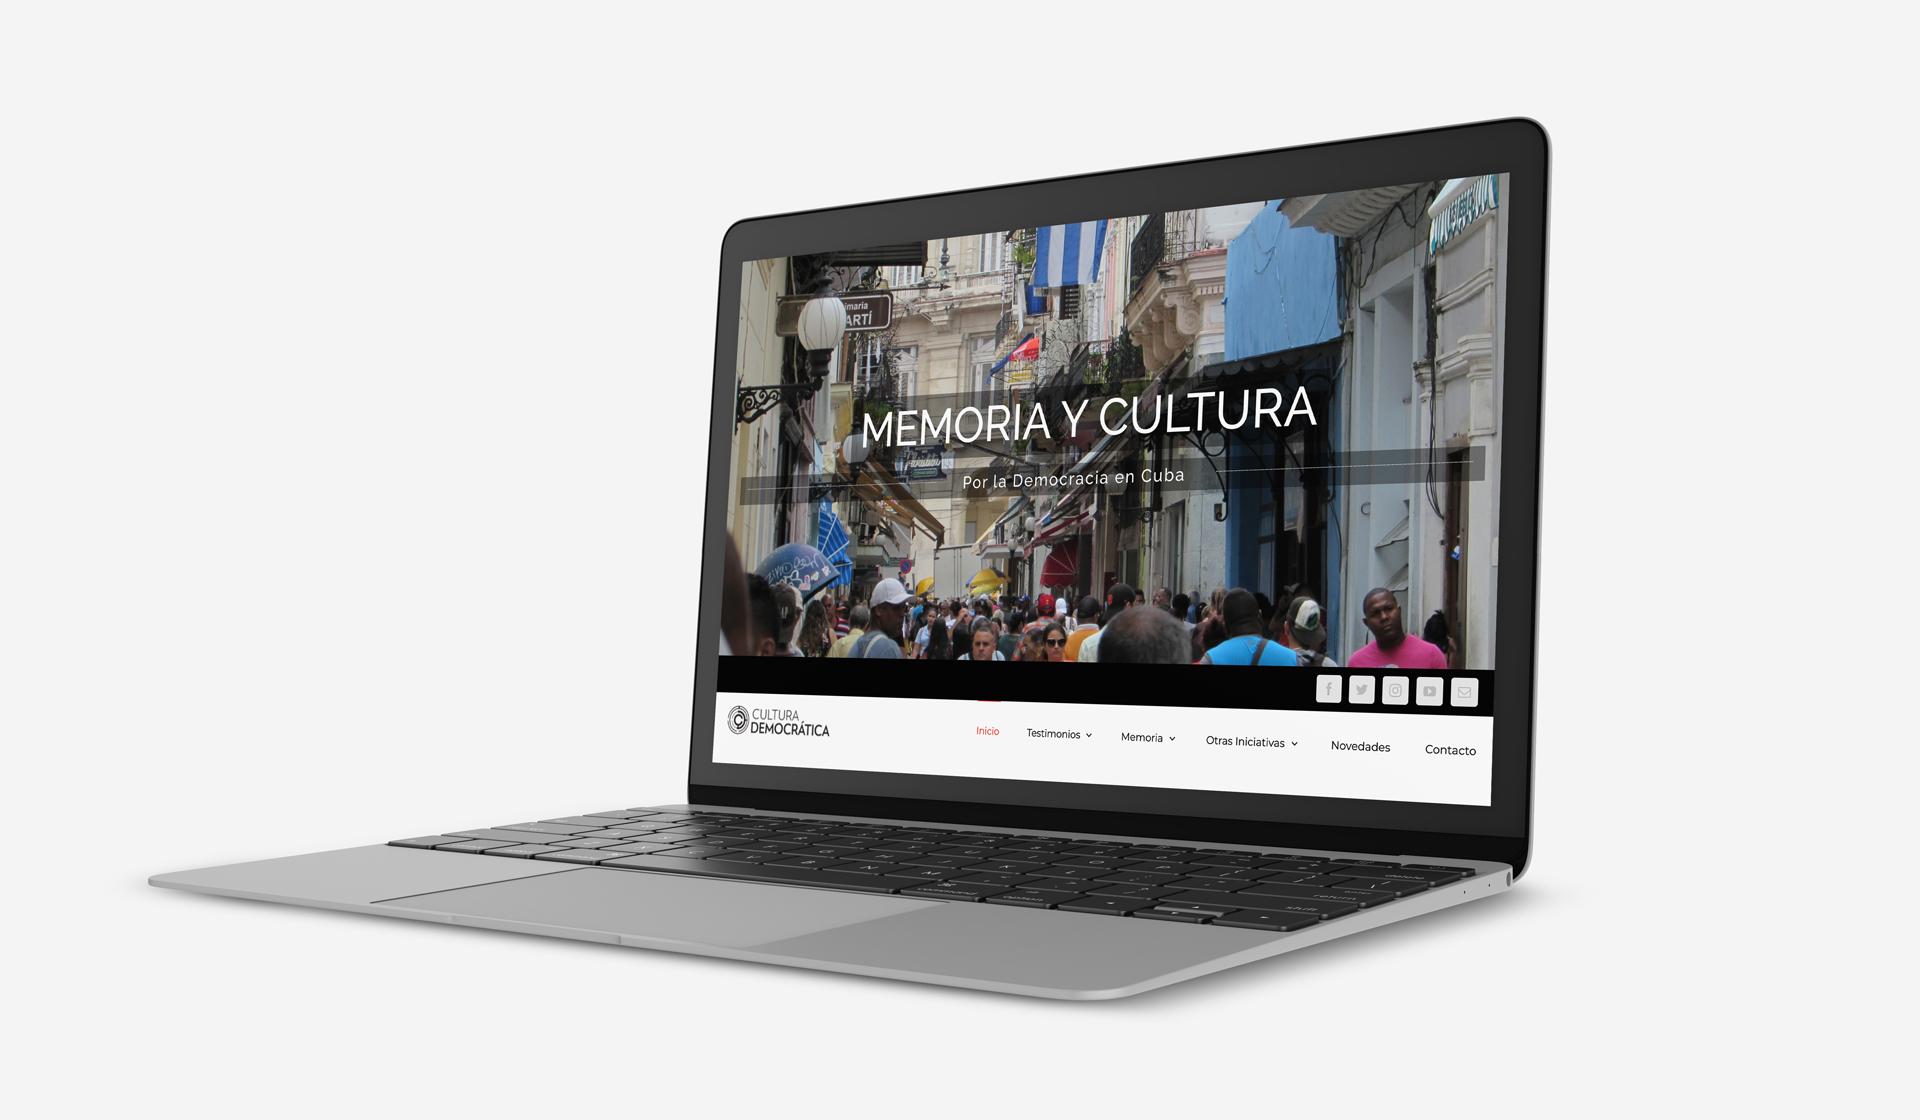 Sitio web reúne los esfuerzos de diálogo y consenso de Cuba